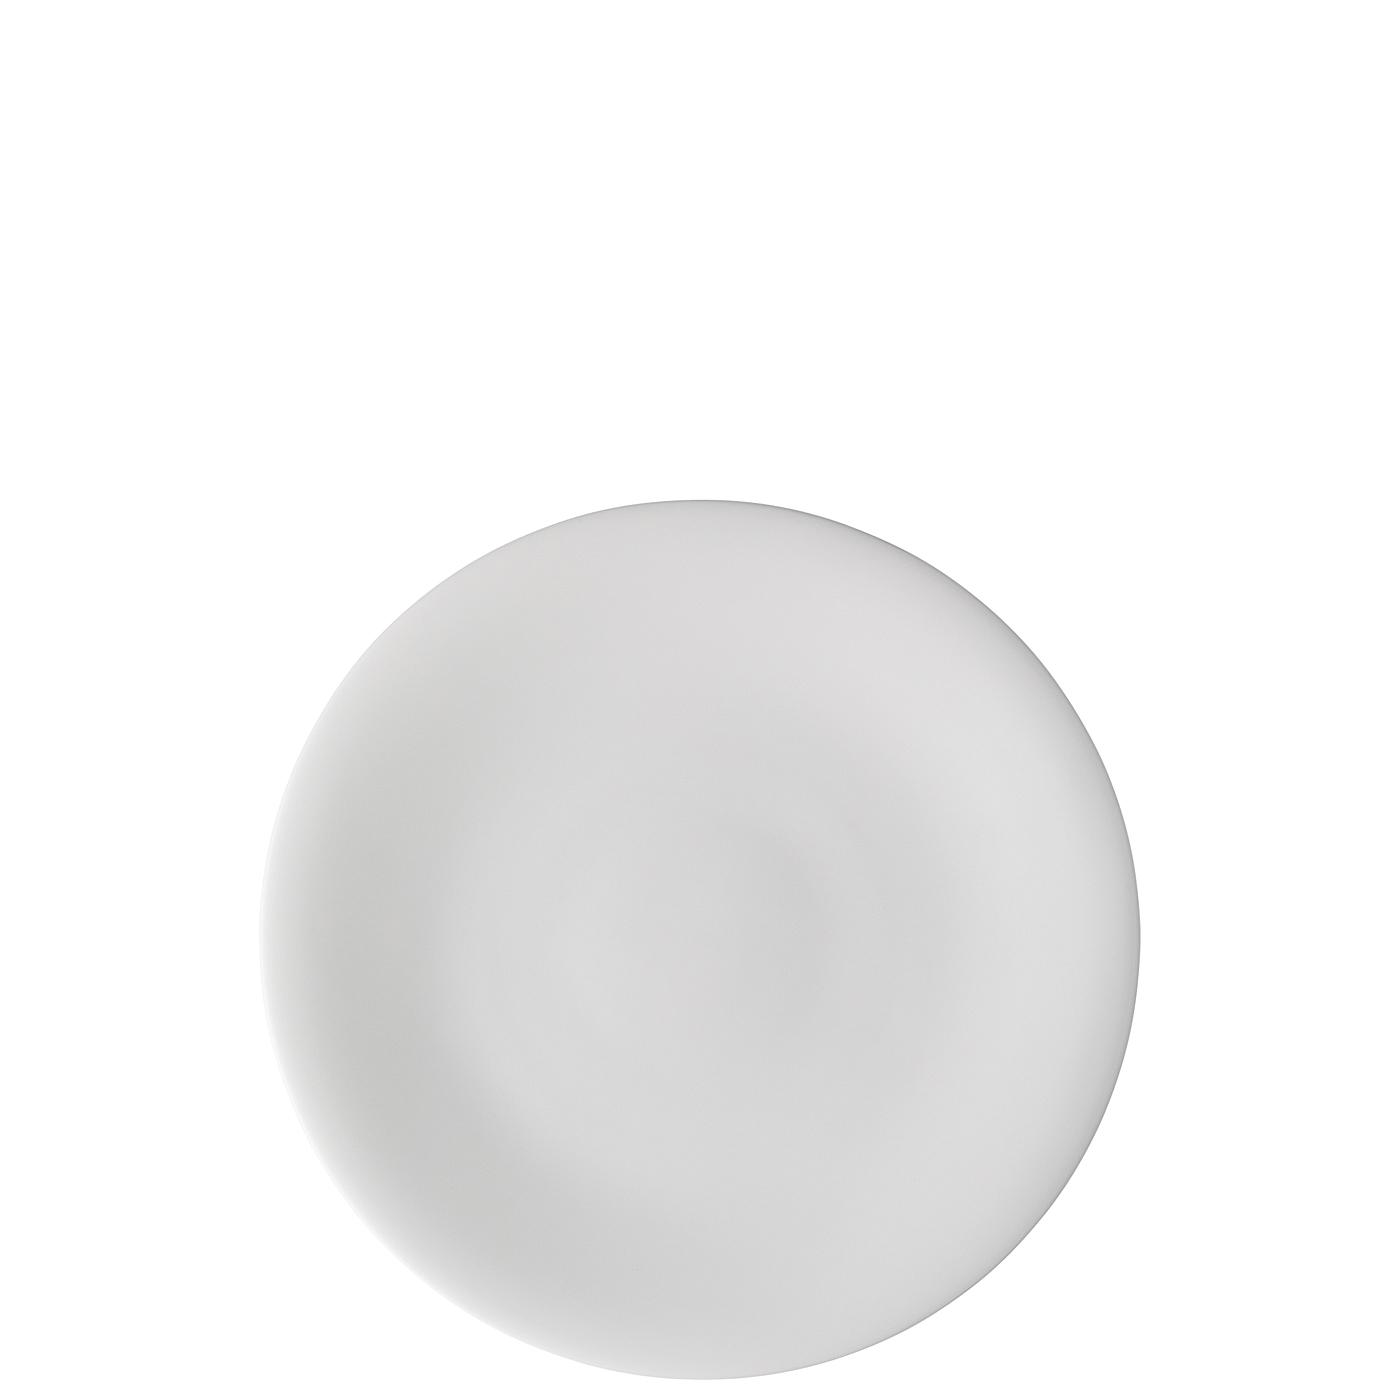 Teller flach 22 cm Nora Weiß Hutschenreuther